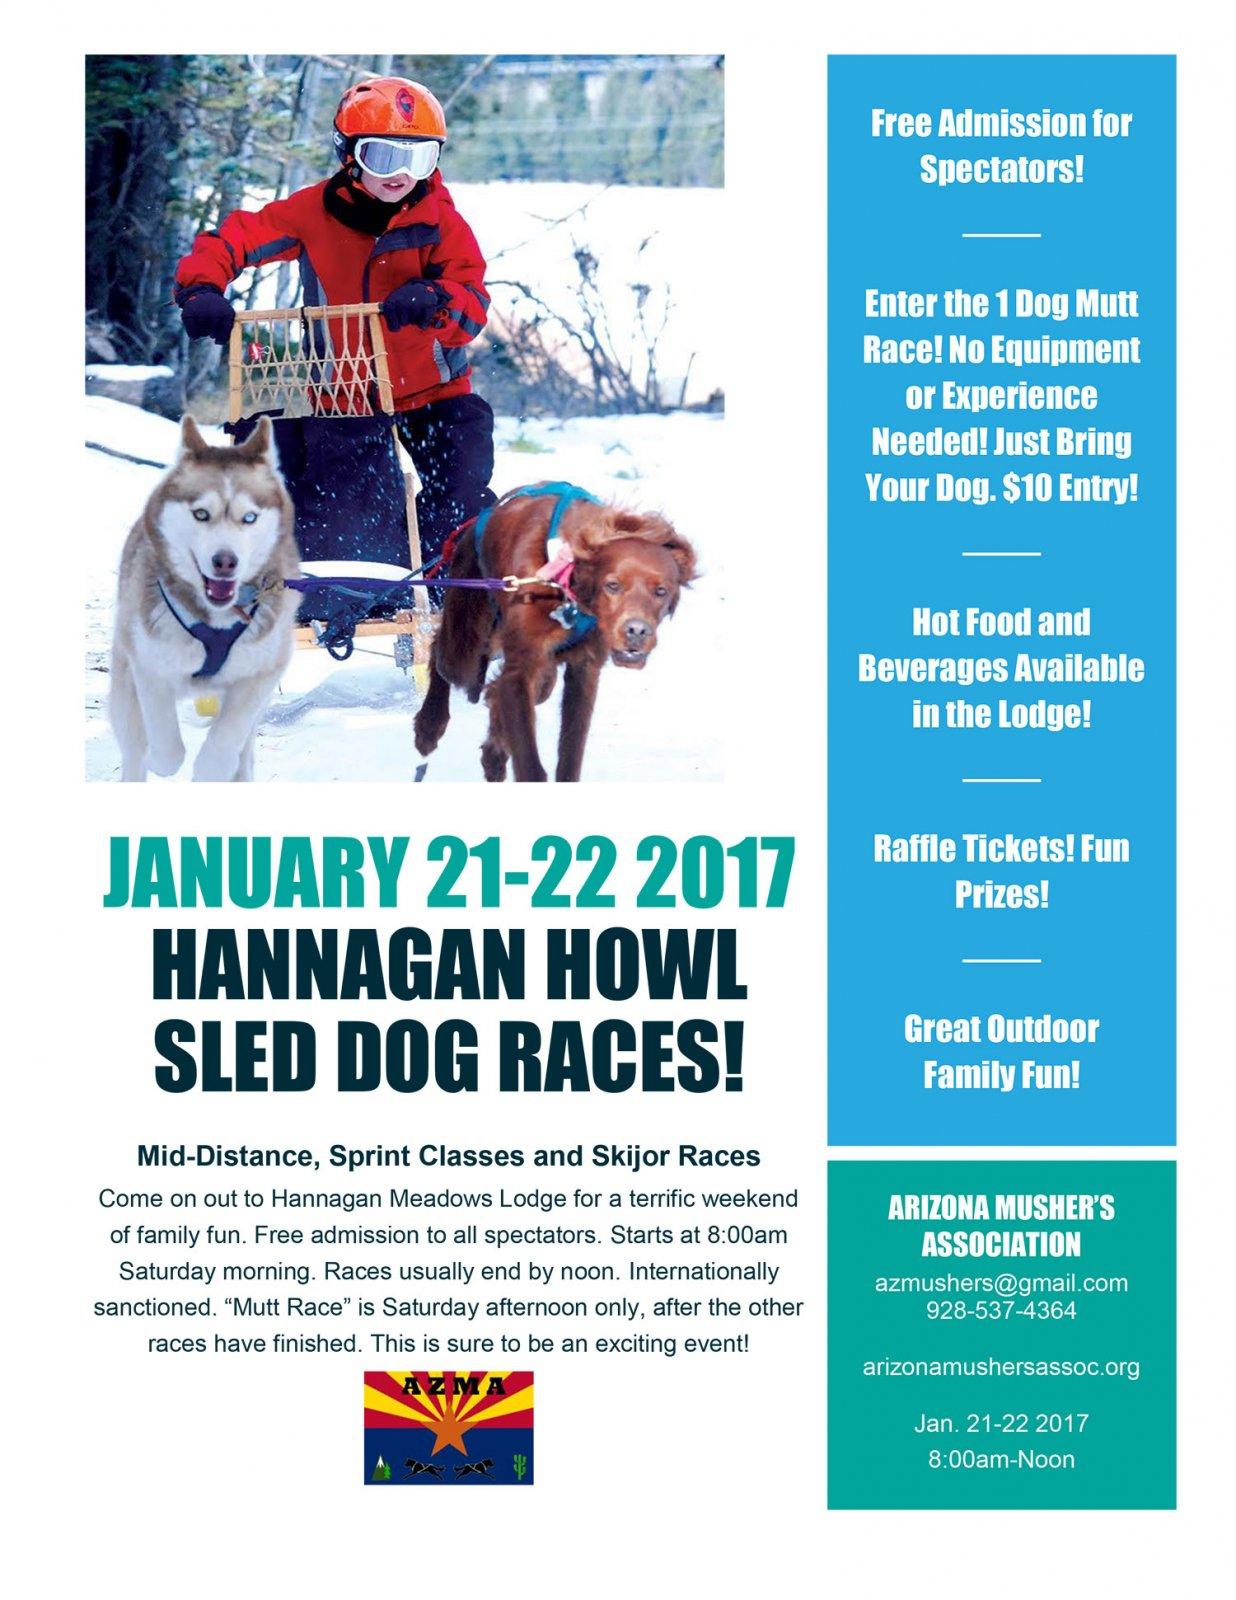 Hannagan Howl Sled Dog Races January 2017